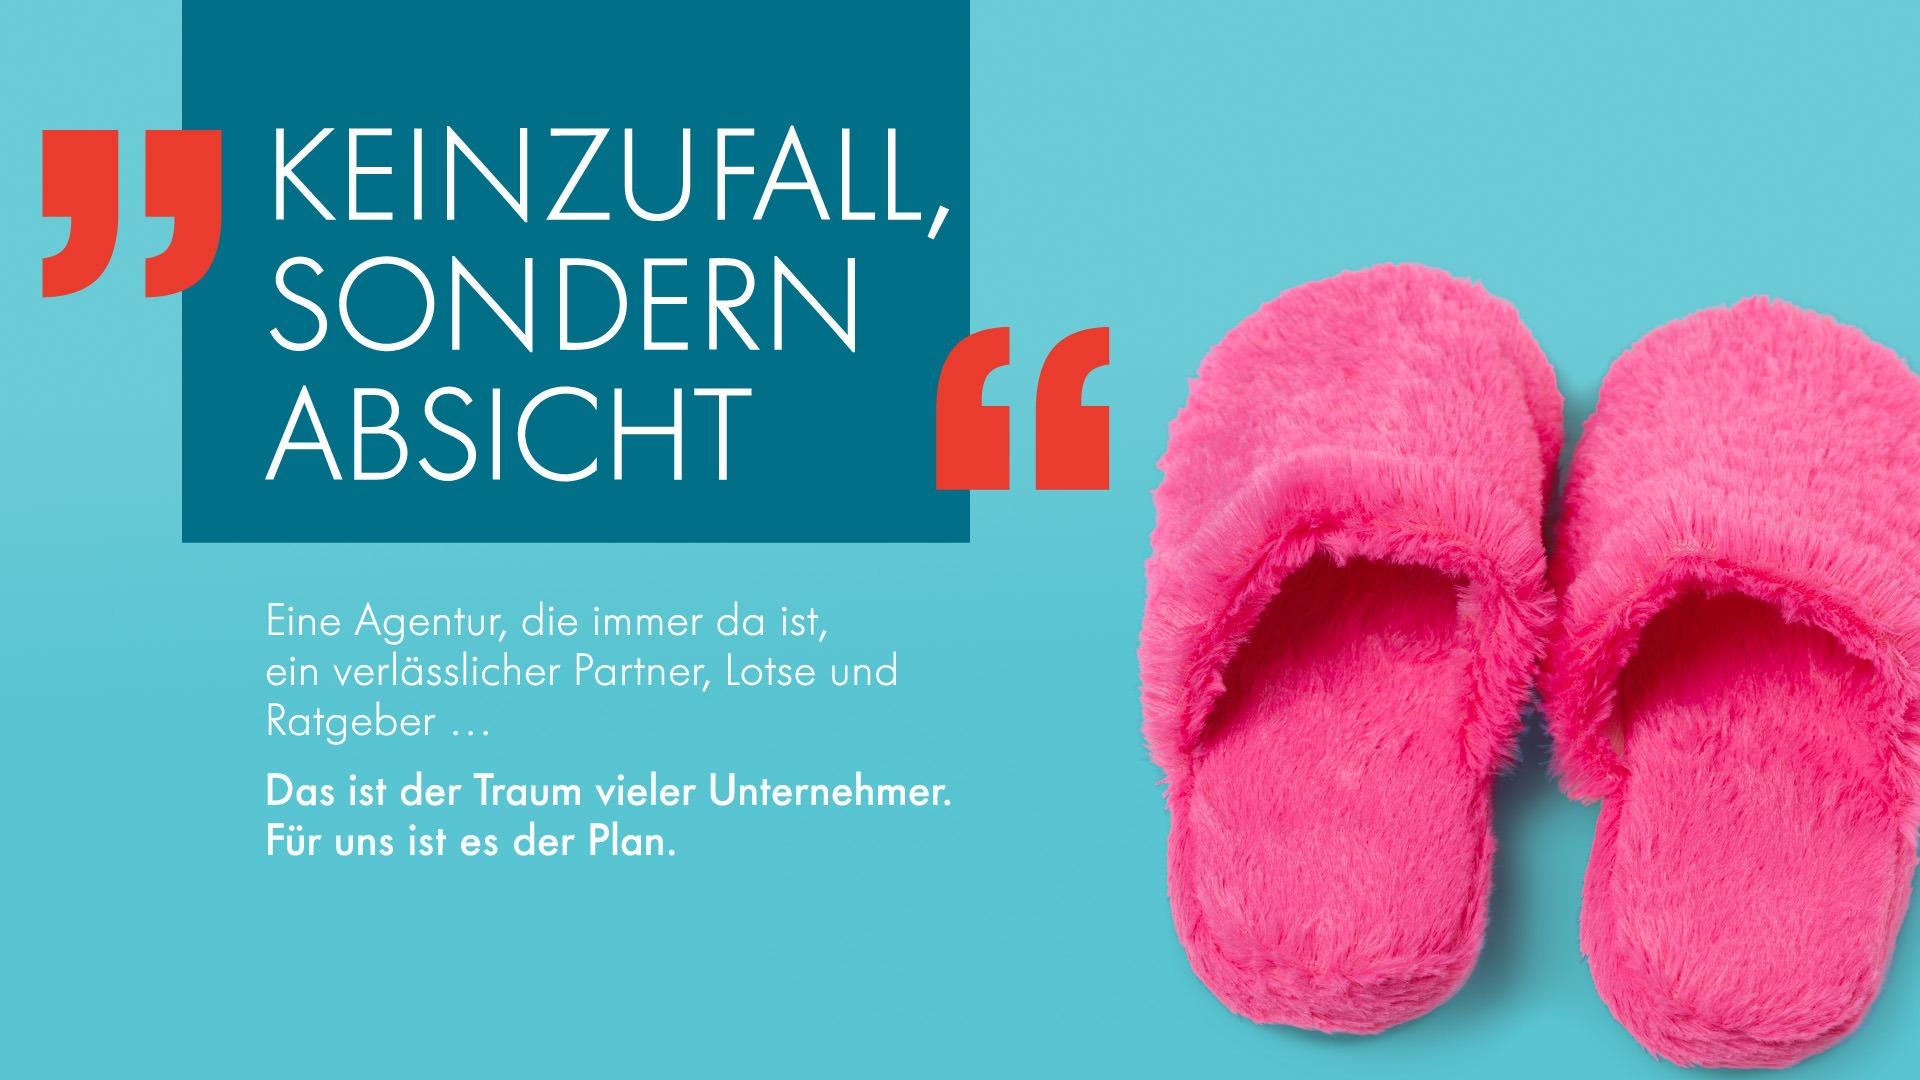 AMARETIS Agentur für Kommunikation Werbeagentur Göttingen Versprechen Partner kein Zufall